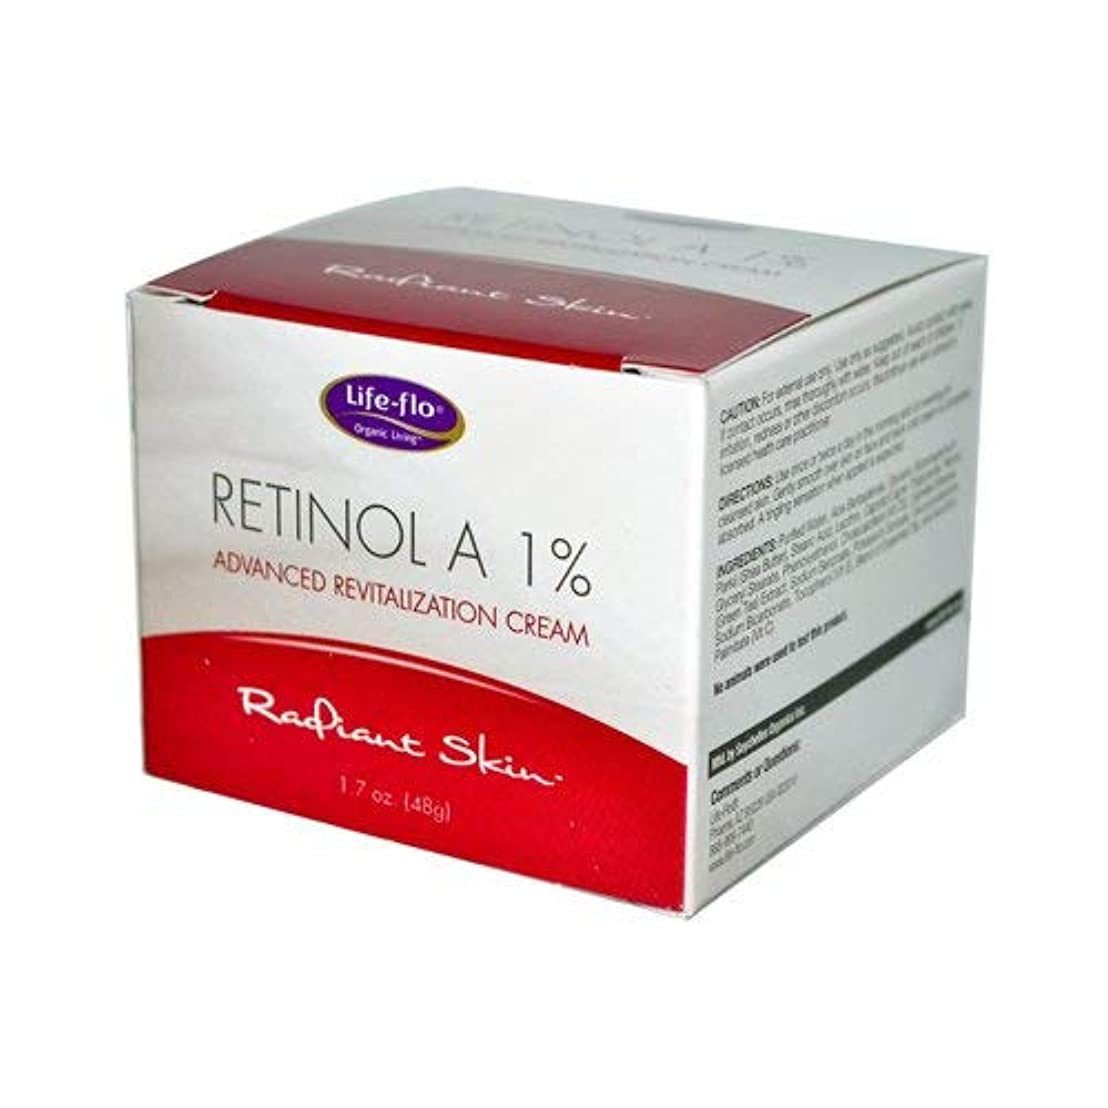 ラッカスベジタリアン闇海外直送品 Life-Flo Retinol A 1% Advanced Revitalization Cream, 1.7 oz- 4 Packs